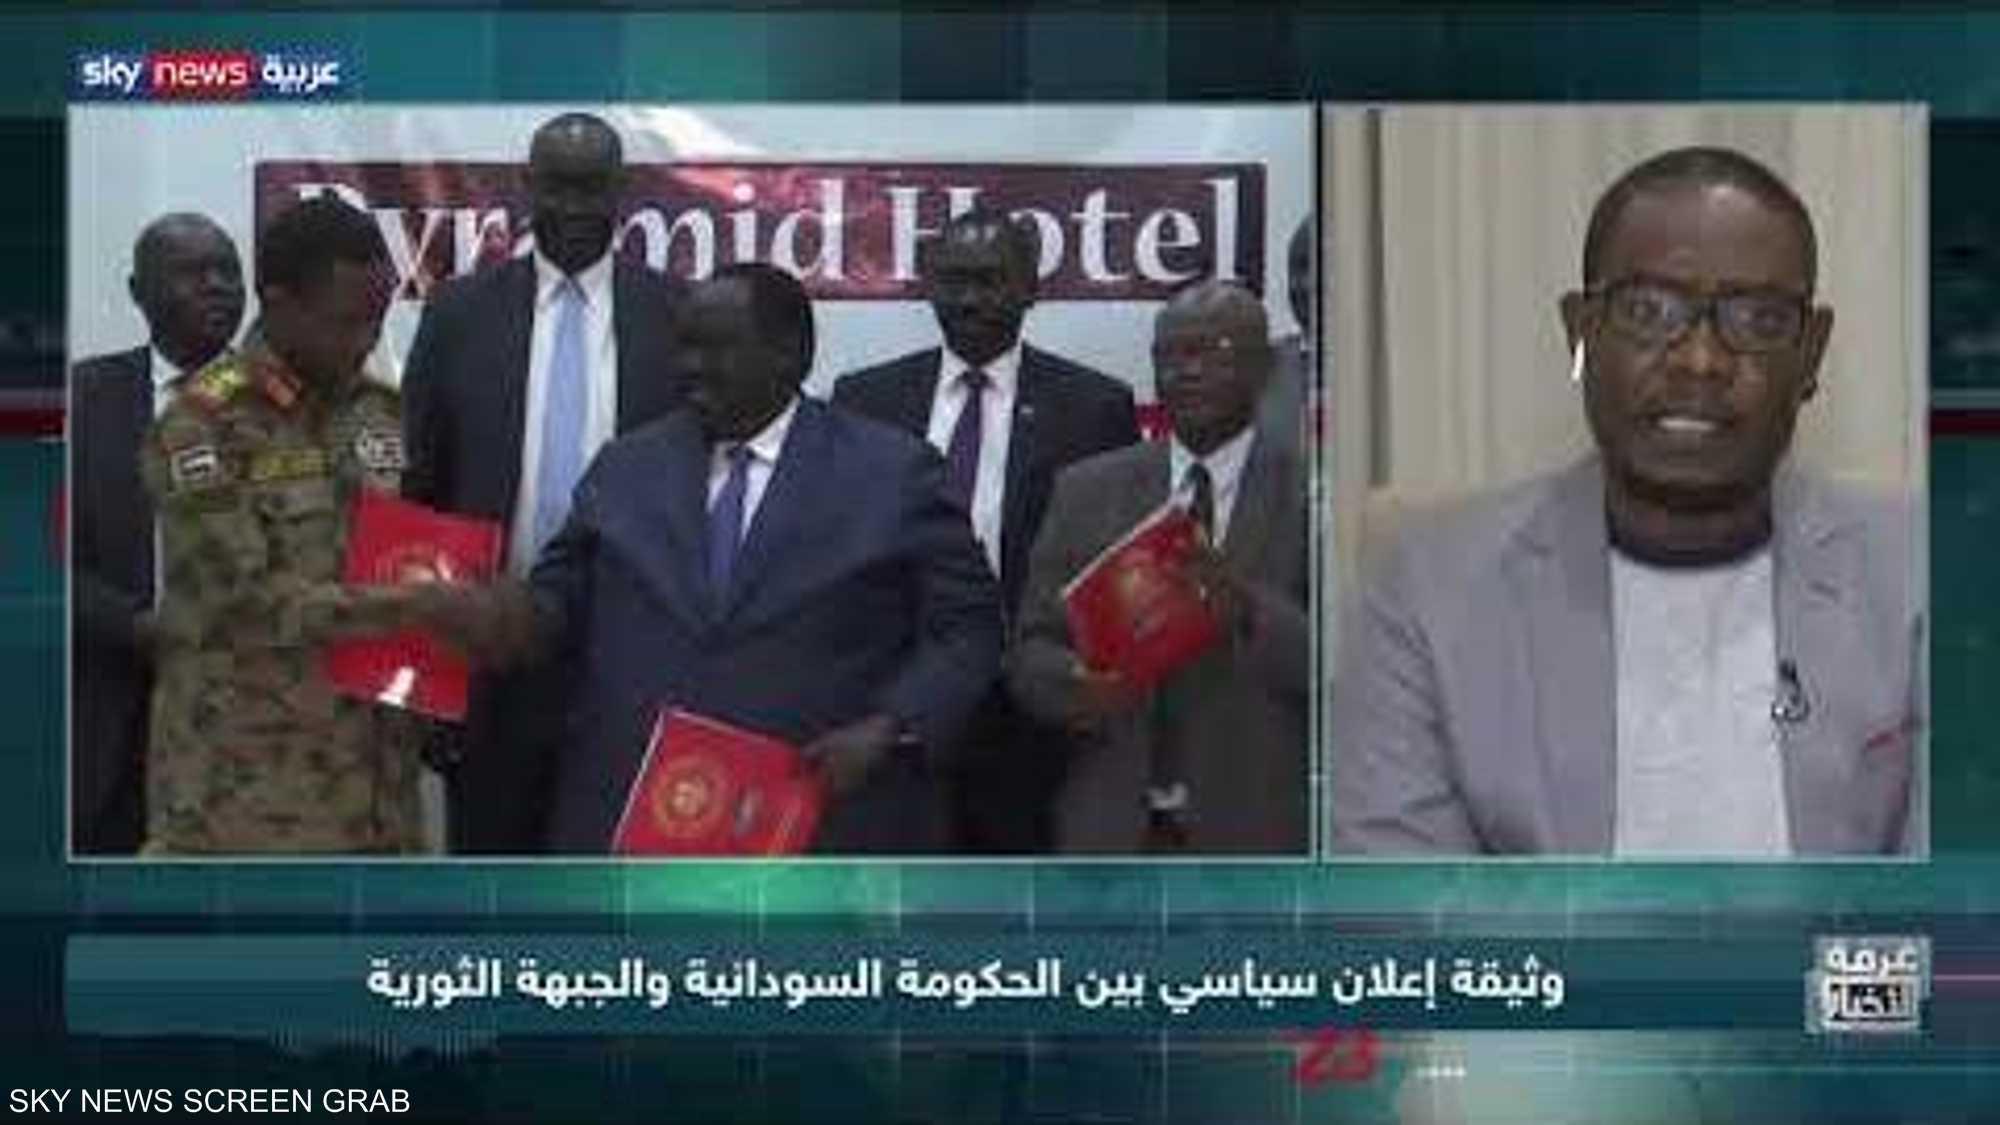 وثيقة إعلان سياسي بين الحكومة السودانية والجبهة الثورية